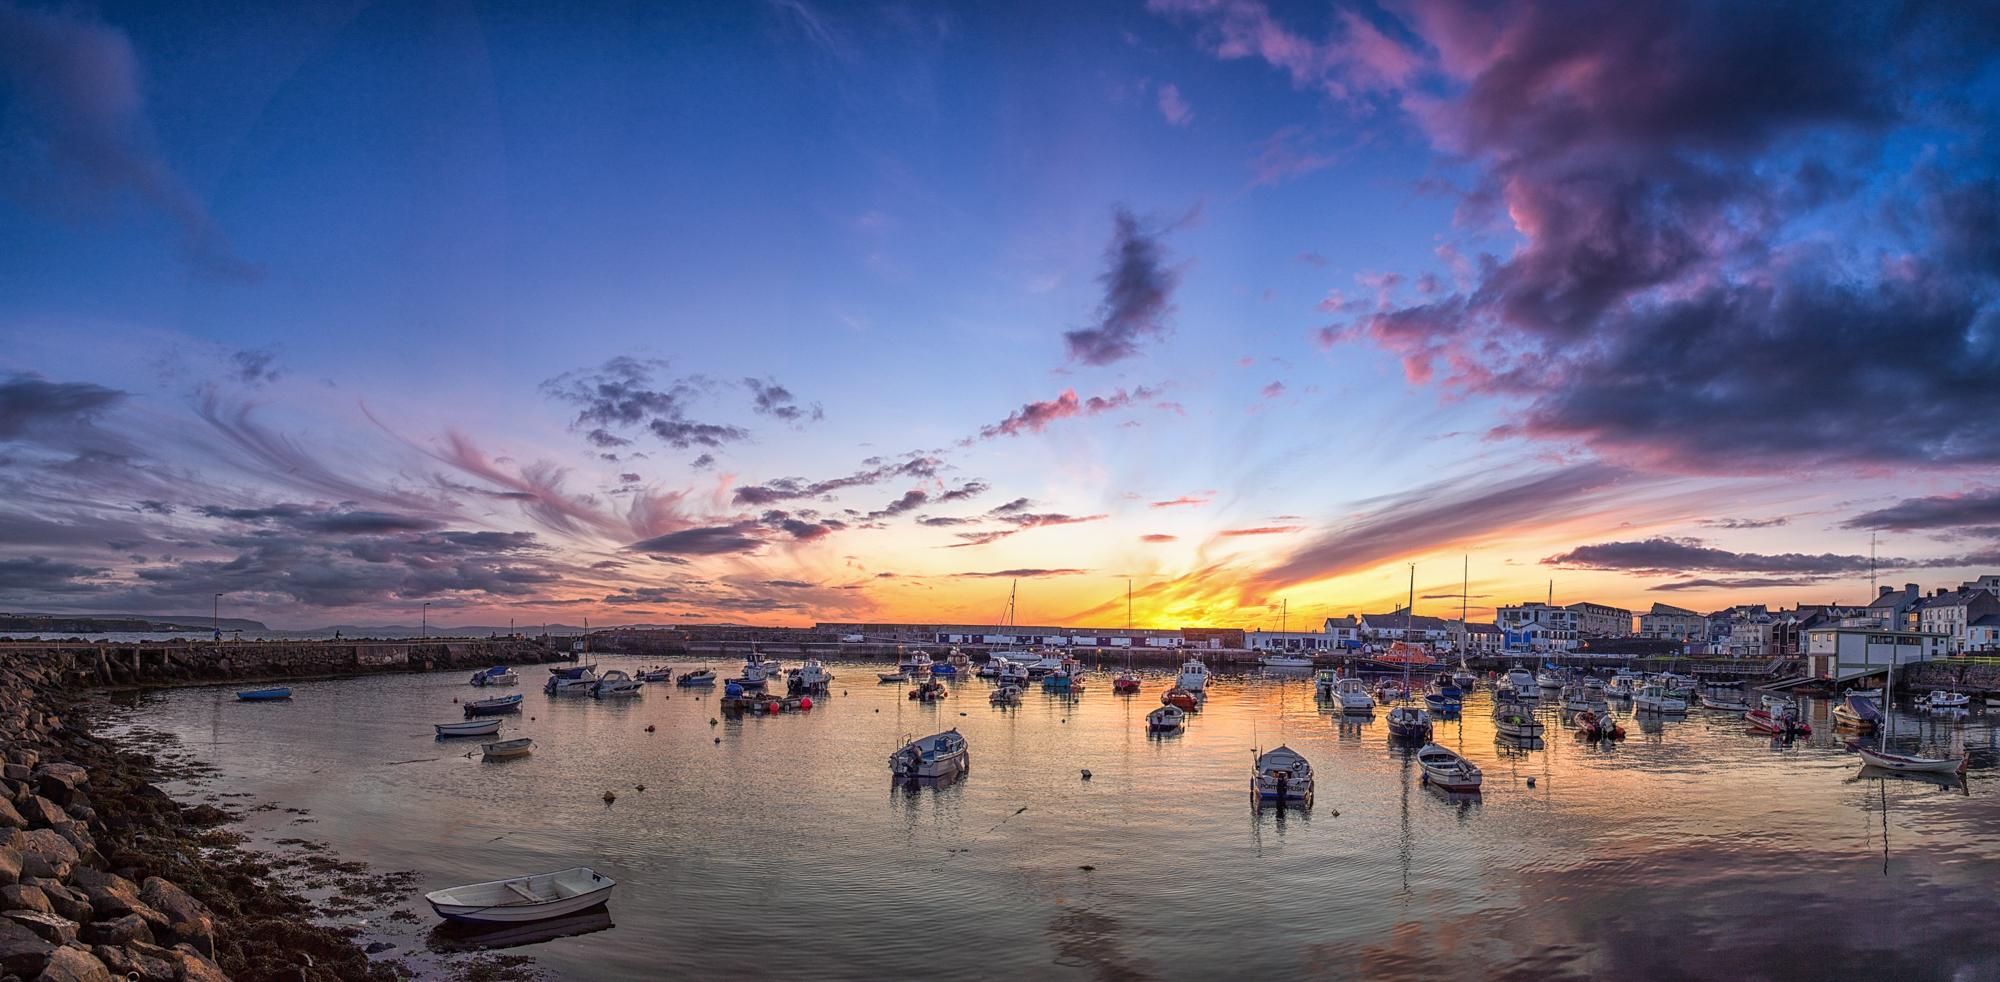 20120715-portrush harbour sunset.jpg